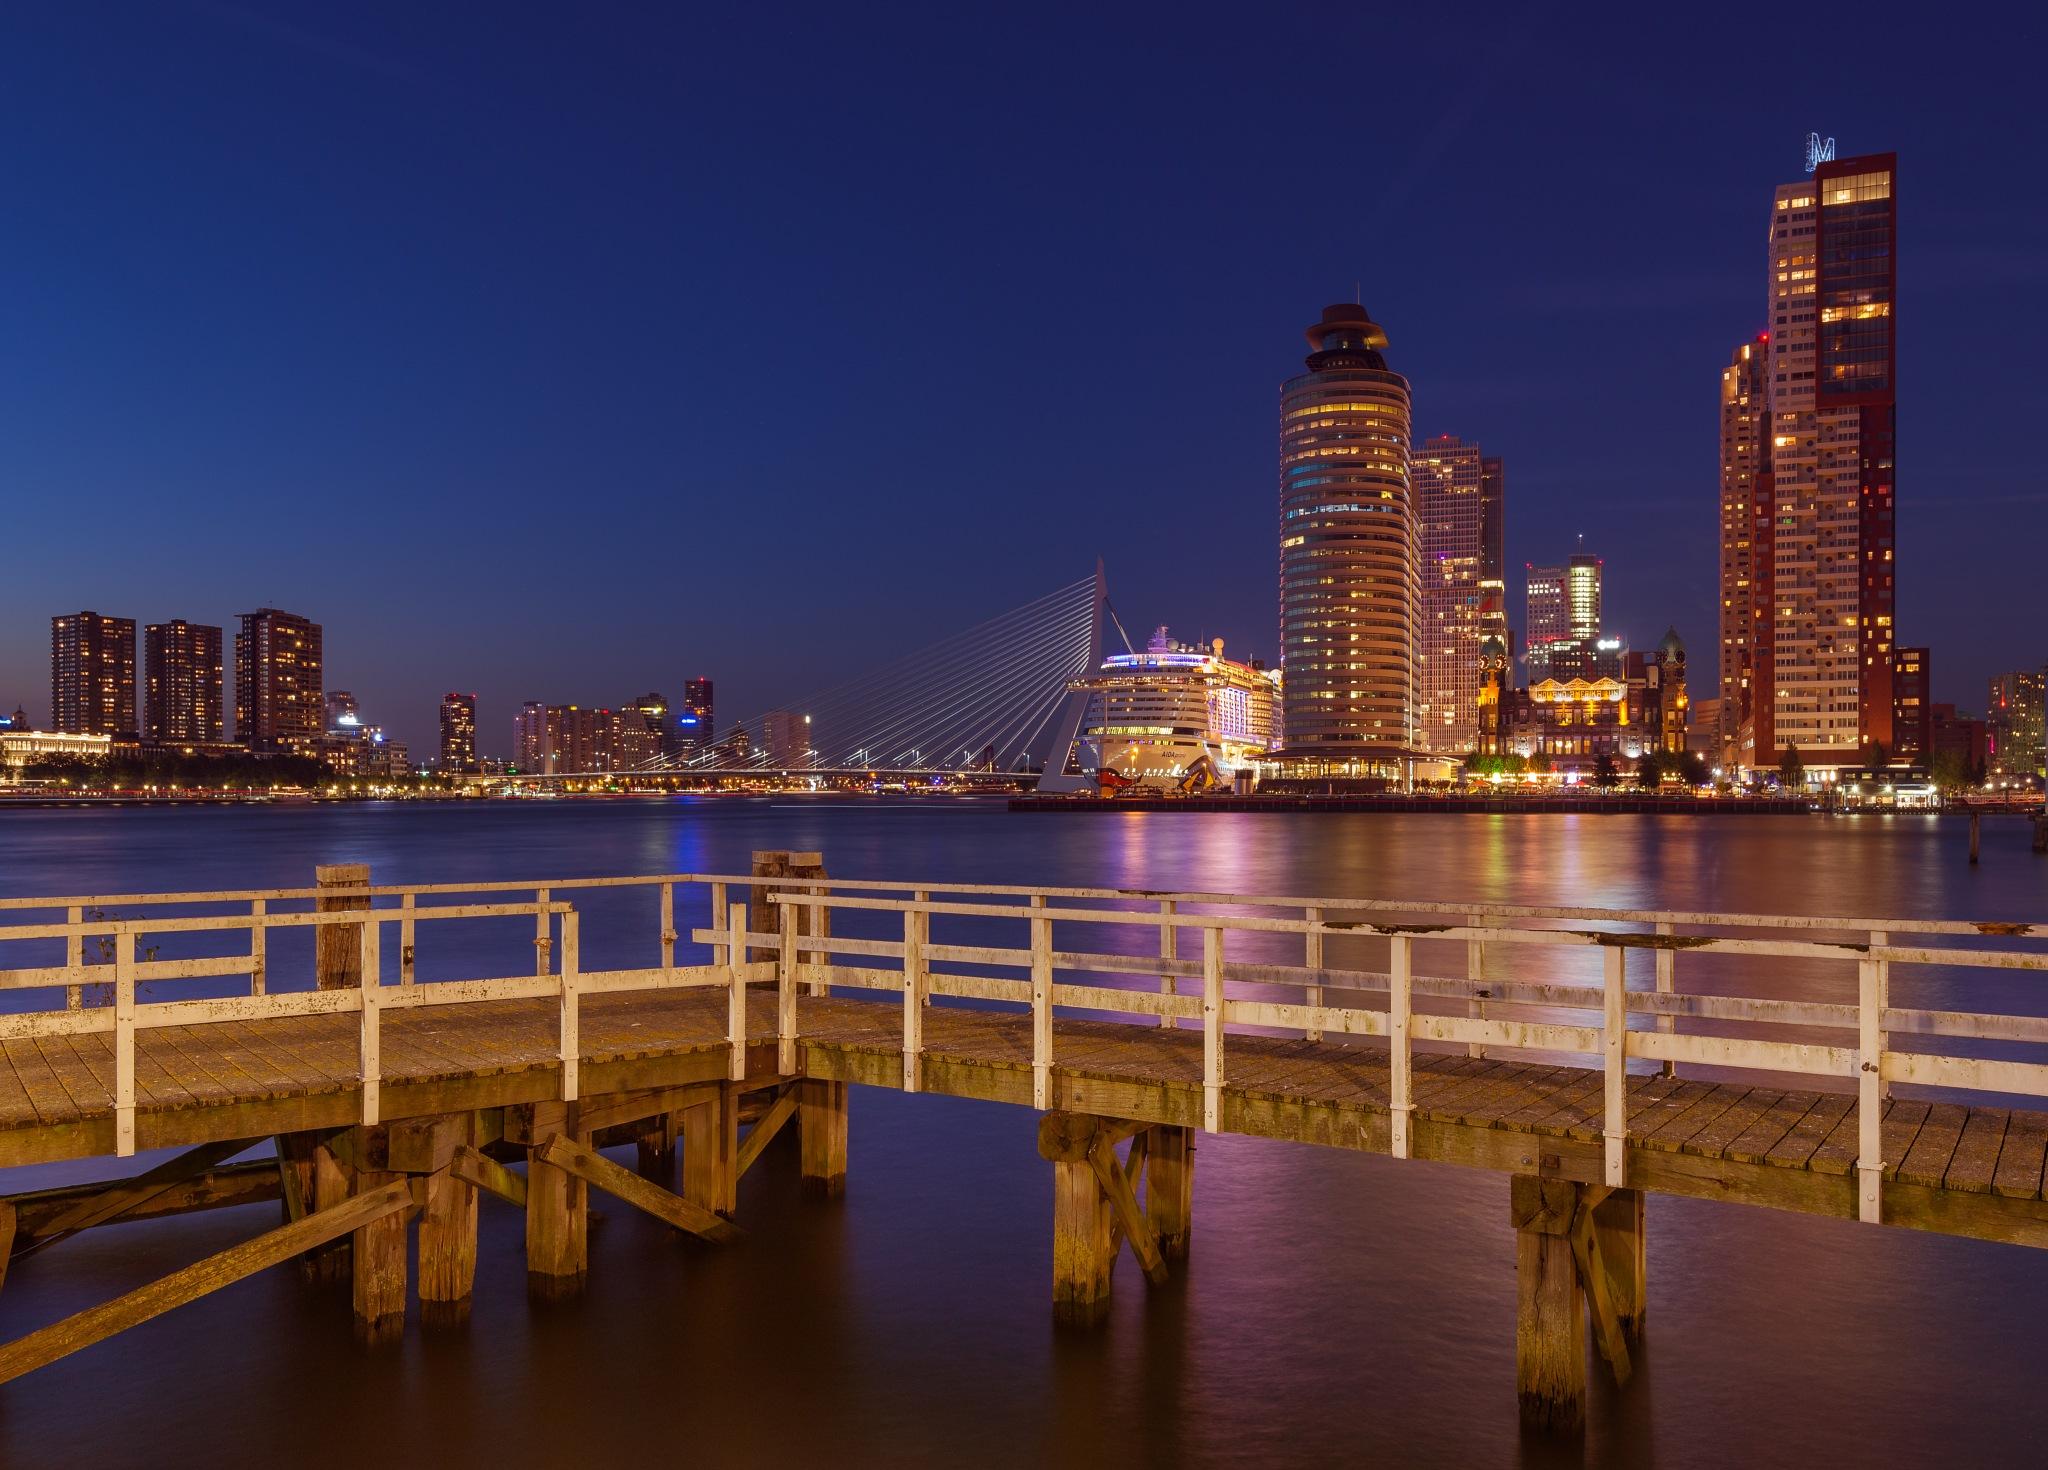 Rotterdam Skyline by Ronne Vinkx